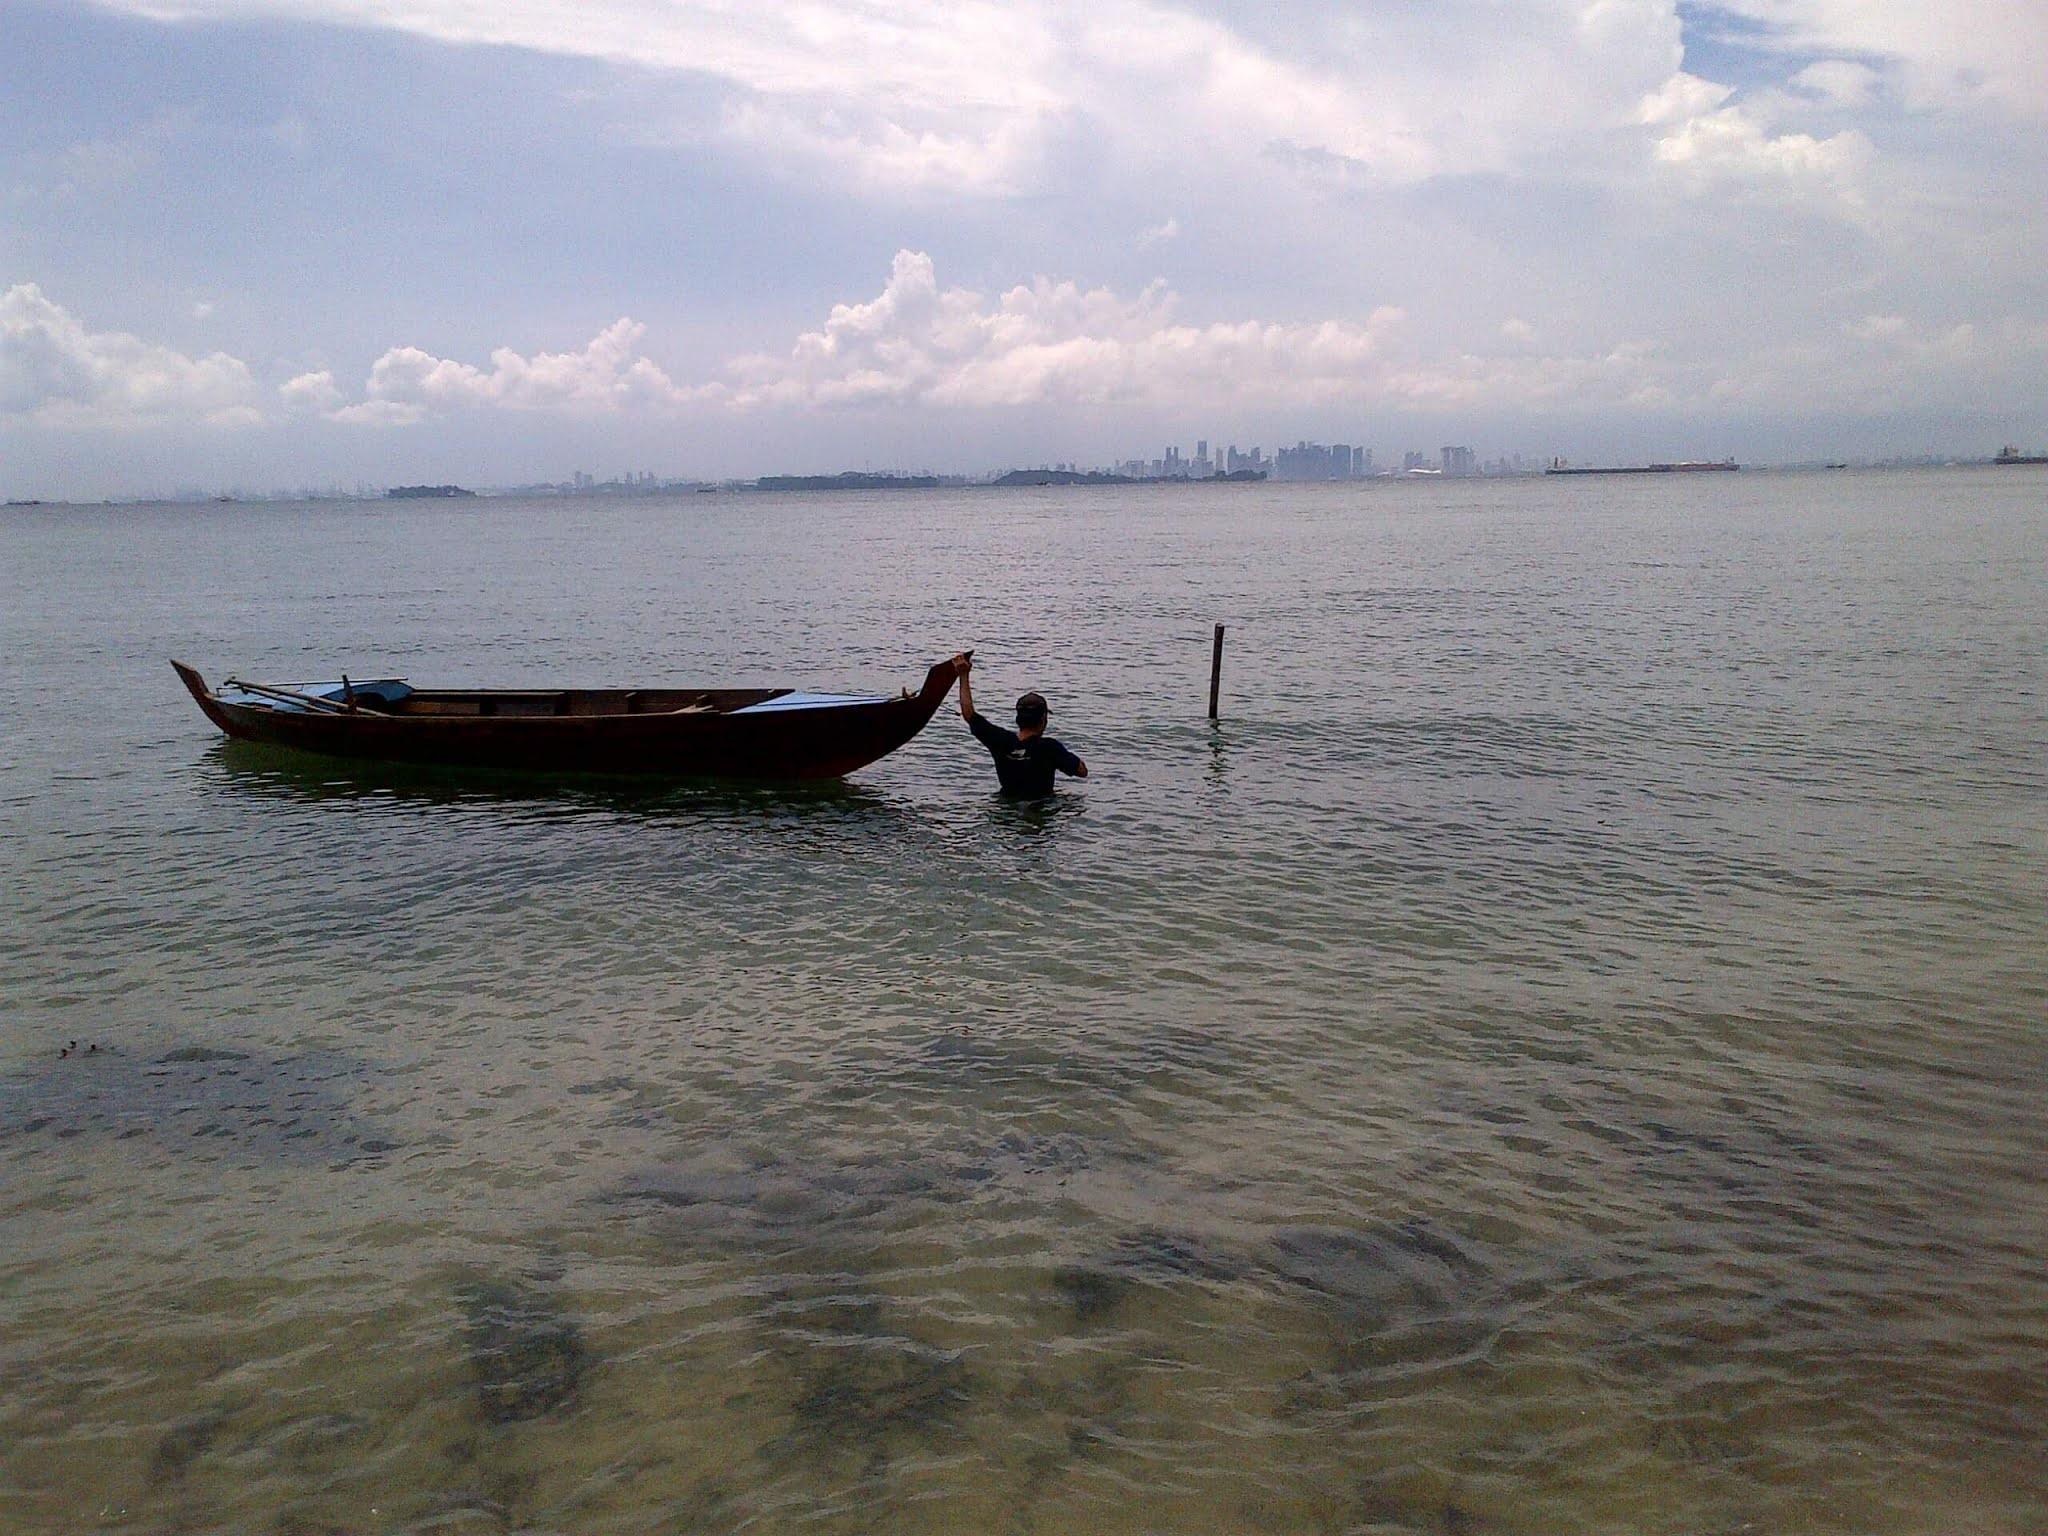 Pantai Indah, Pulau Lengkana Belakang Padang 3